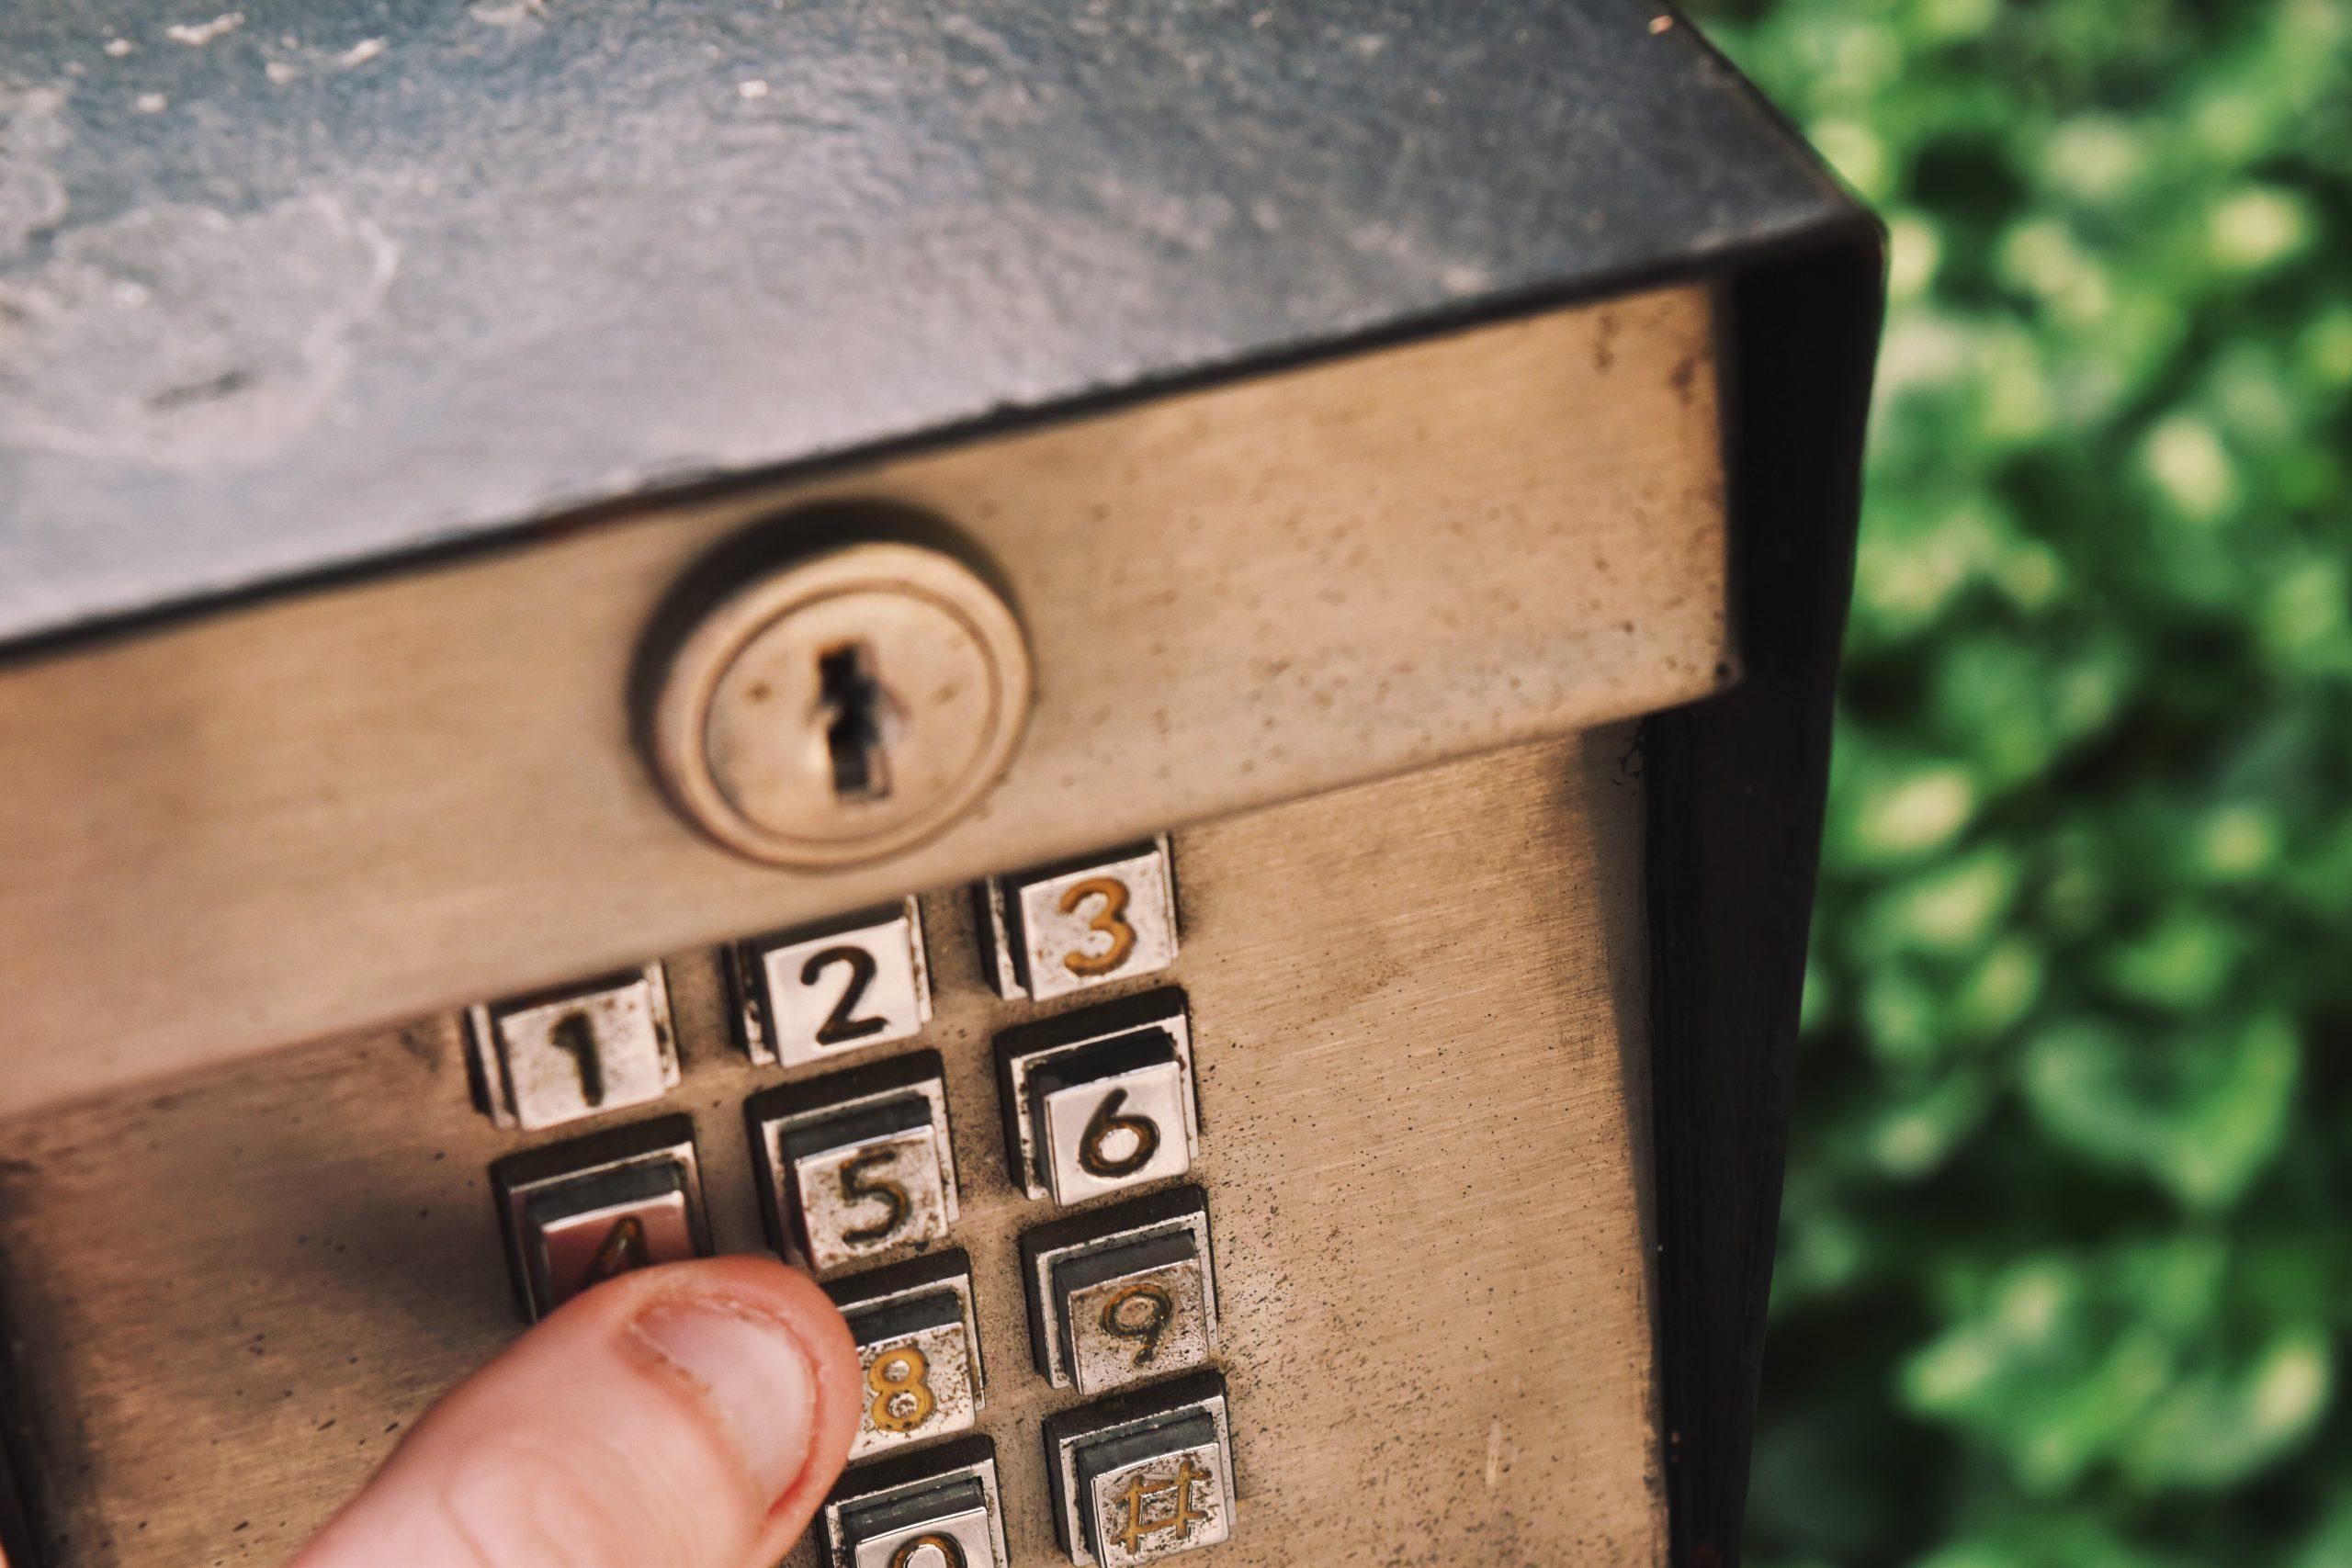 Simpele vuistregels voor de baseline, discontovoet en evaluatieperiode in een business case